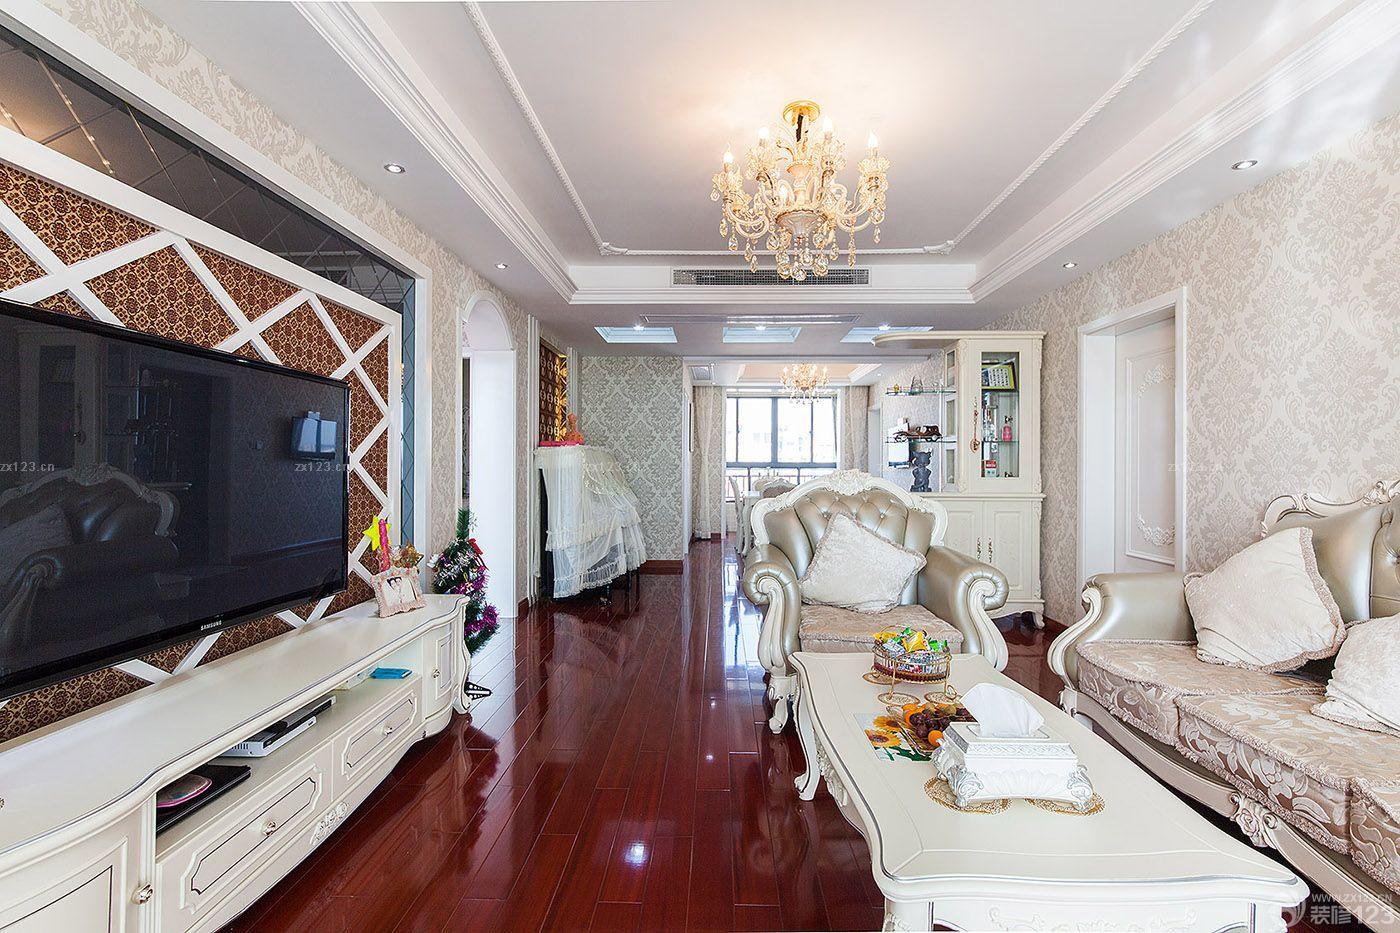 奢华欧式风格三室二厅装修样板房图片欣赏图片